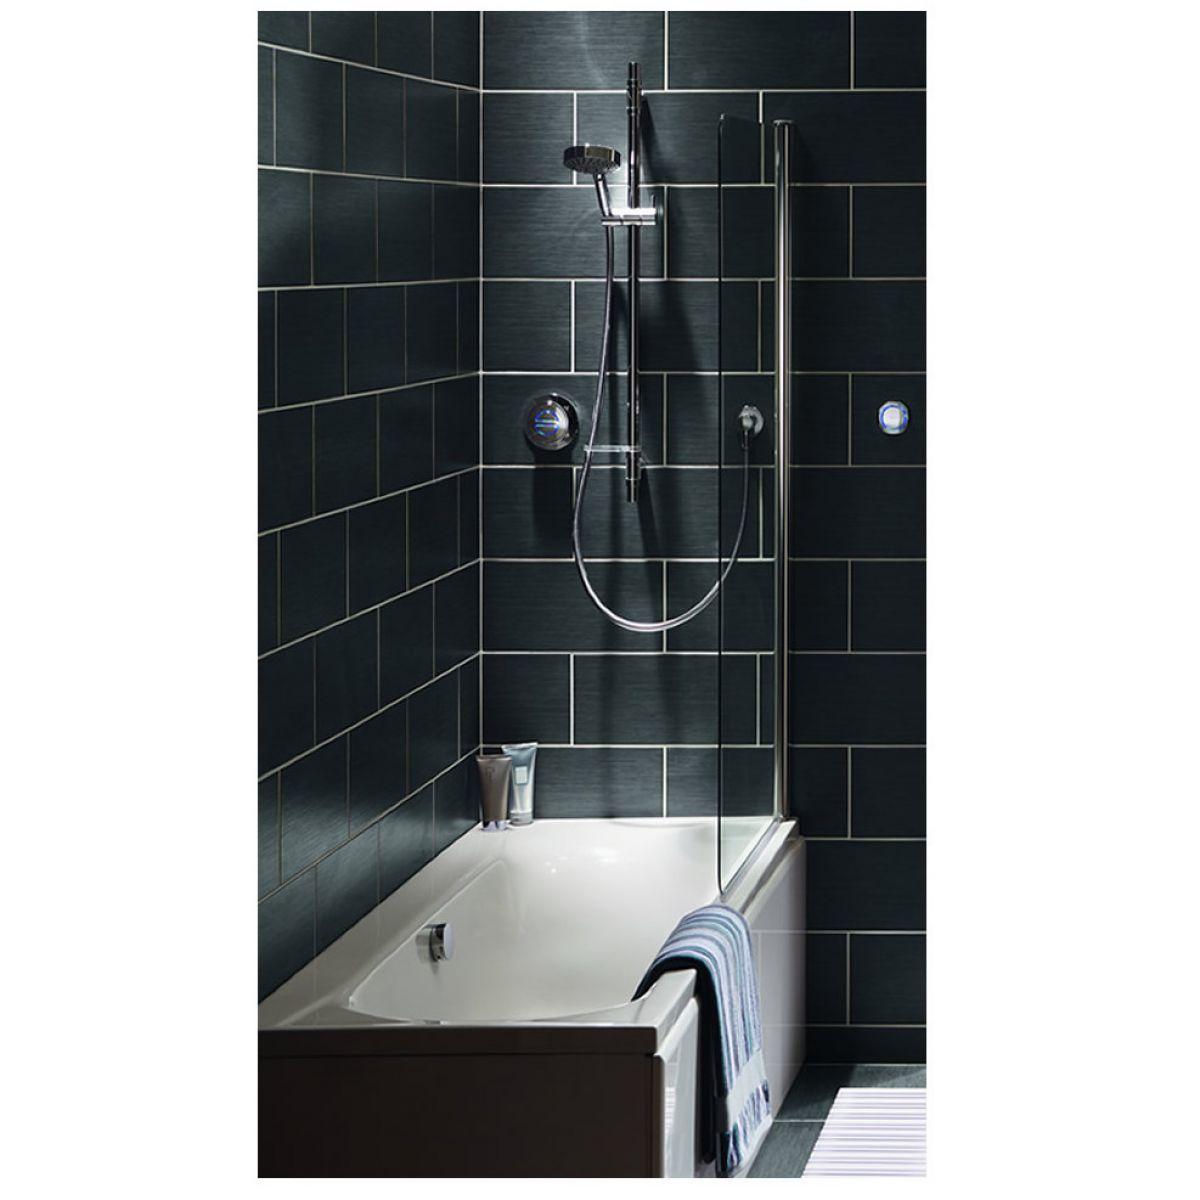 aqualisa rise concealed shower valve and diverter with. Black Bedroom Furniture Sets. Home Design Ideas